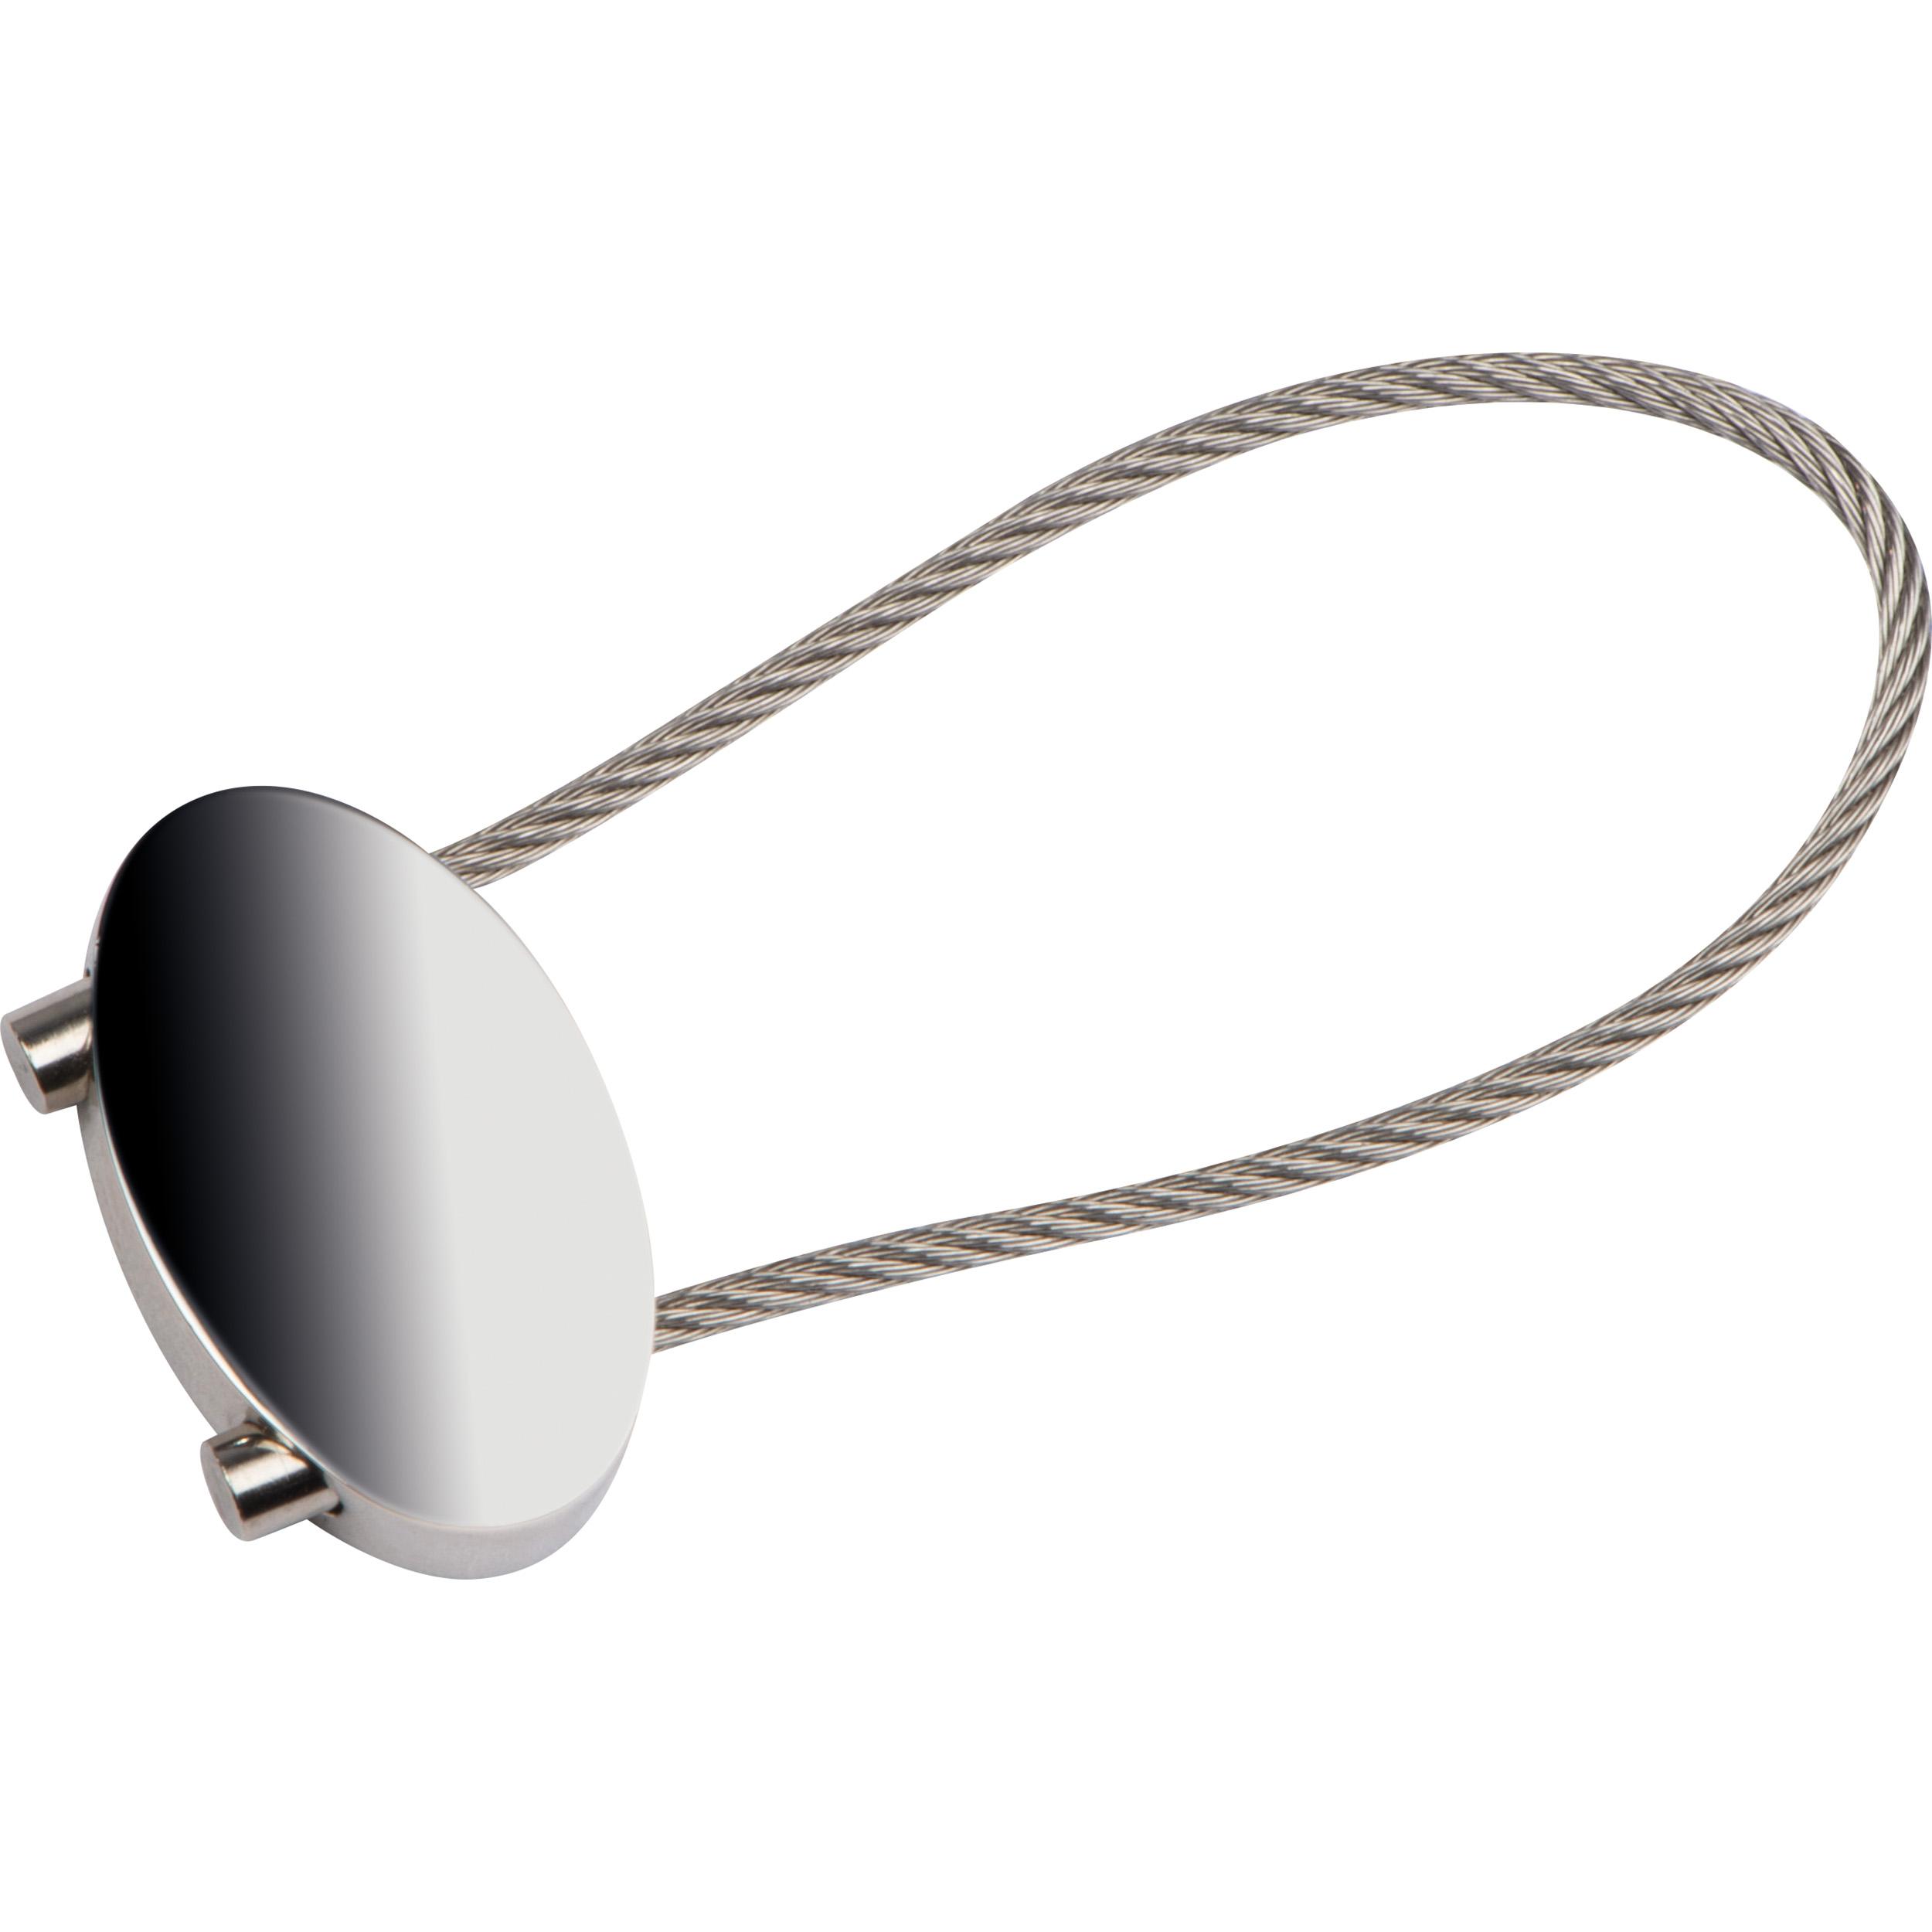 Ovaler Schlüsselanhänger mit Drahtschlaufe